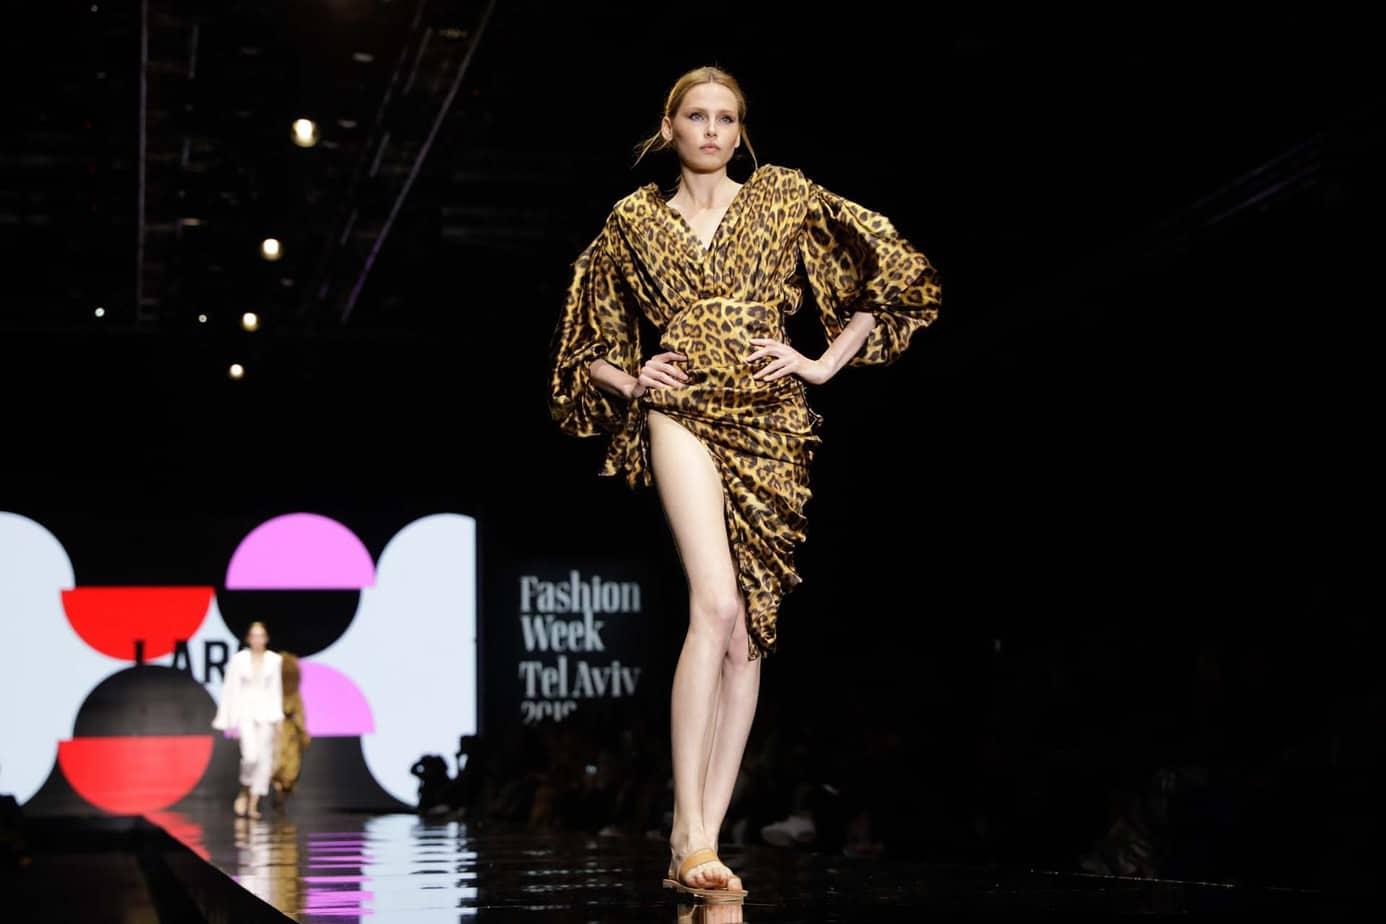 קולקציה עידן לרוס, תצוגת אופנה עידן לרוס שבוע האופנה תל אביב 2019, צילום עומר קפלן - 9